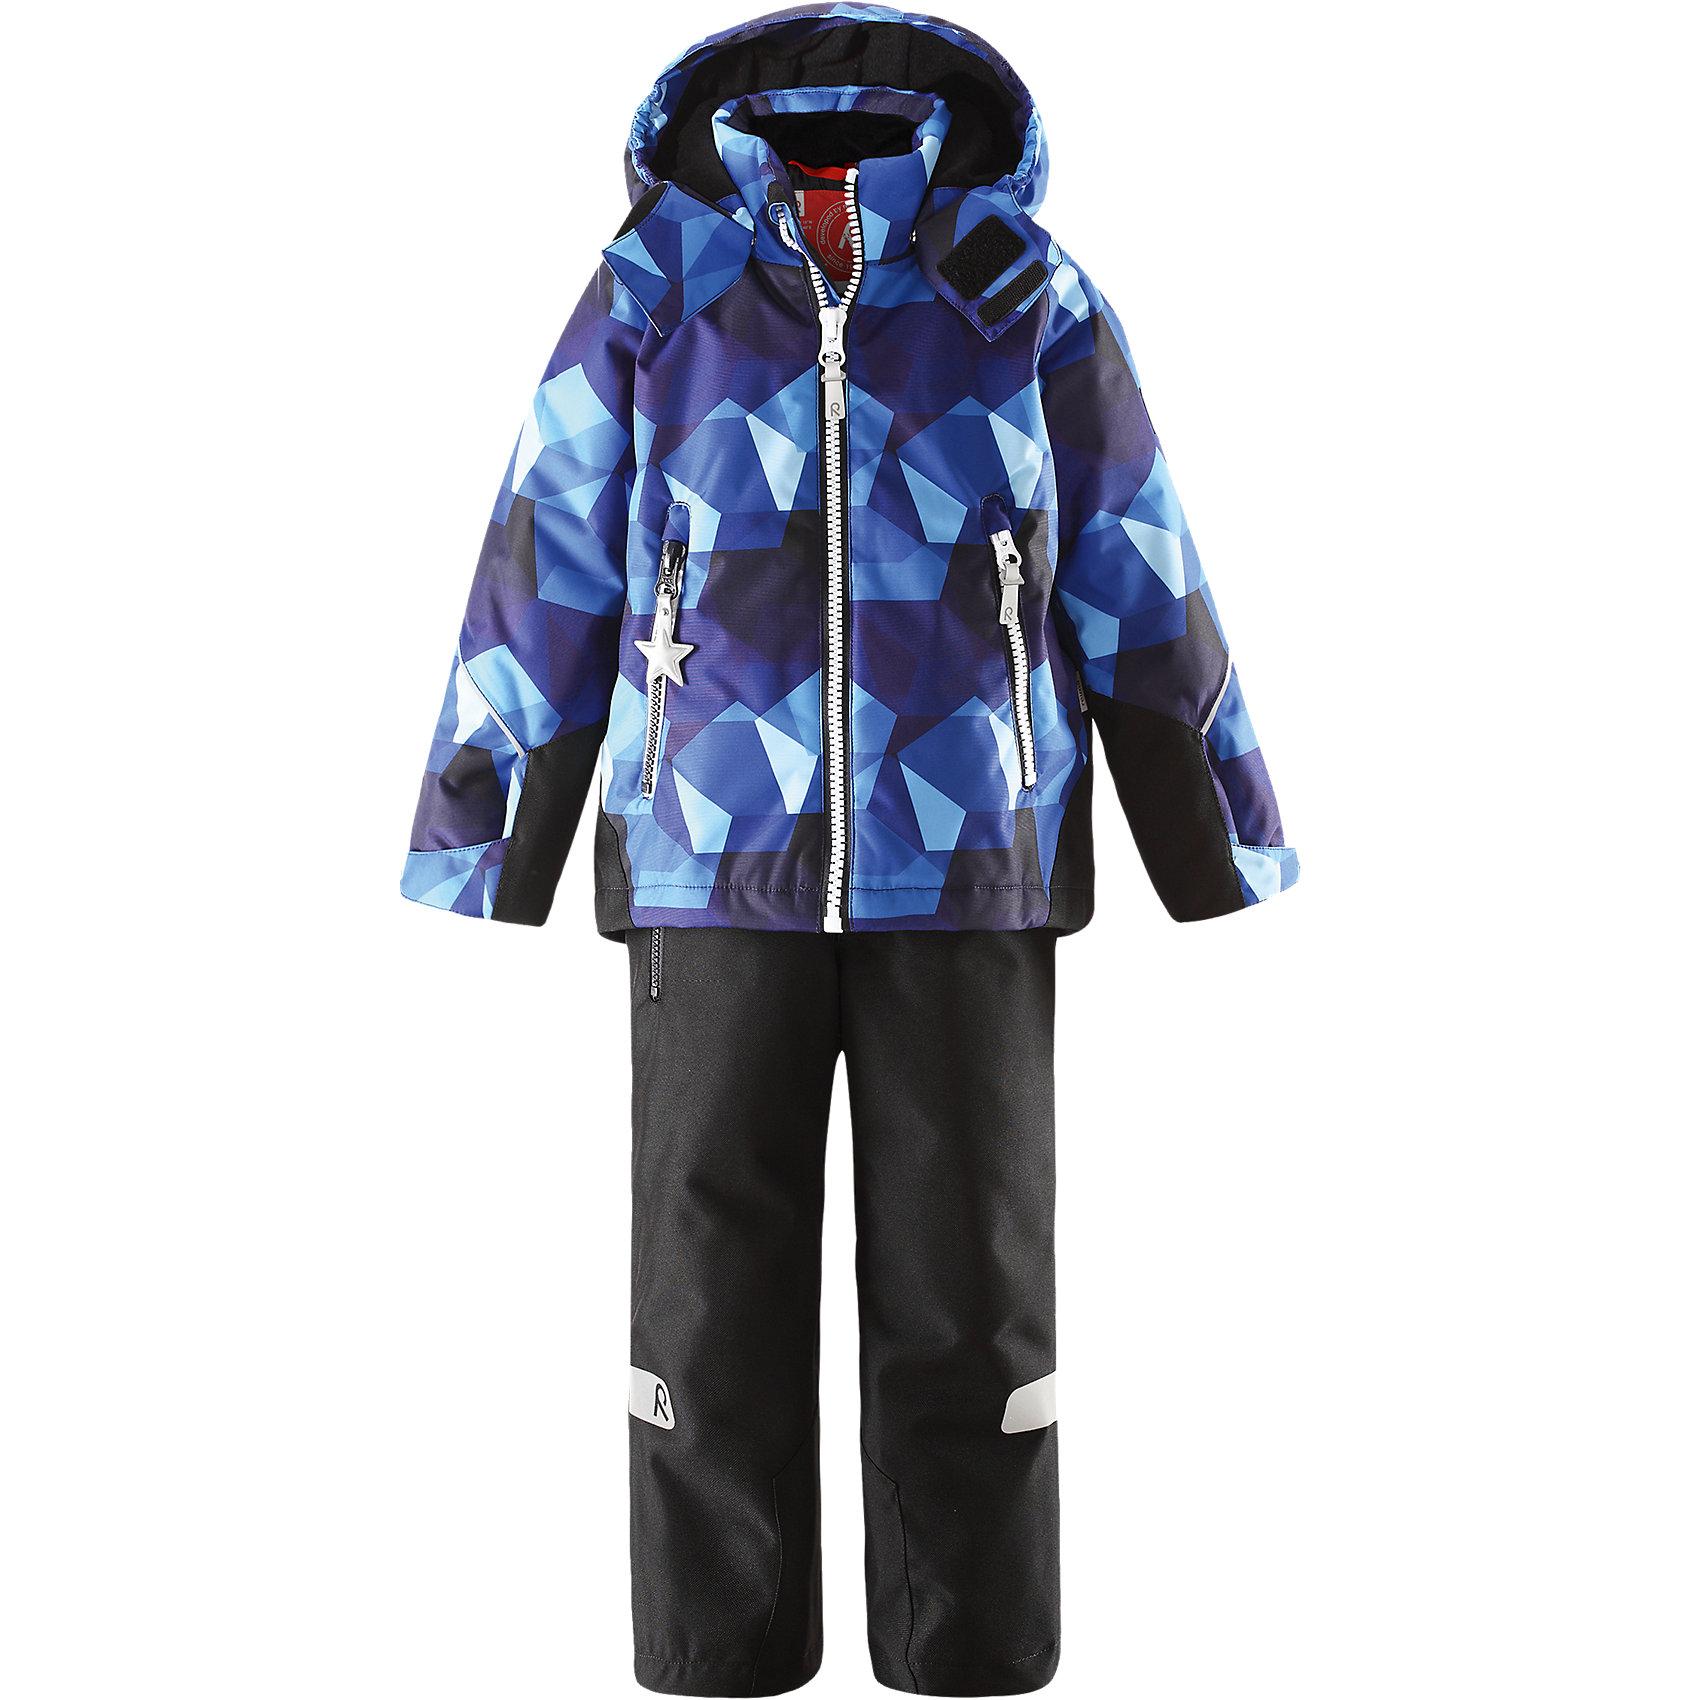 Комплект: куртка и брюки для мальчика ReimaКомплект: куртка и брюки для мальчика от финской марки Reima.<br>*Детская водонепроницаемая зимняя куртка Kiddo <br>*Основные швы проклеены, водонепроницаемы<br>*Безопасный съемный капюшон<br>*Прочные усиленные вставки на подоле сзади и манжетах * Два кармана на молнии<br>*Регулируемый подол и манжеты<br>*Множество светоотражающих элементов<br>*Утеплитель: куртка 160 грамм, брюки 120 грамм (100% полиэстер)<br>* Детские водонепроницаемые зимние брюки Kiddo® <br>* Все швы проклеены, водонепроницаемы<br>* Прочный материал<br>* Съемные регулируемые подтяжки<br>* Удлиненная нижняя часть сзади<br>* Ширинка на молнии<br>* Один карман на молнии<br>* Регулируемая ширина отворотов <br>* Отвороты на кнопке задерживают снег<br>Состав:<br>100% Полиэстер, Полиуретан-покрытие<br><br><br>Комплект: куртка и брюки для мальчика Reima (Рейма) можно купить в нашем магазине.<br><br>Ширина мм: 356<br>Глубина мм: 10<br>Высота мм: 245<br>Вес г: 519<br>Цвет: синий<br>Возраст от месяцев: 24<br>Возраст до месяцев: 36<br>Пол: Мужской<br>Возраст: Детский<br>Размер: 98,140,128,134,122,104,110,116,92<br>SKU: 4193828